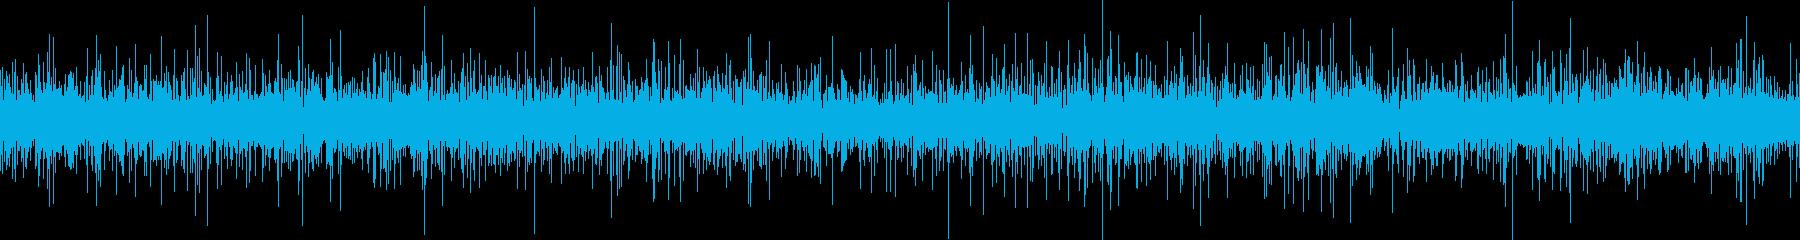 川のせせらぎの音です。余計な雑音は入っ…の再生済みの波形